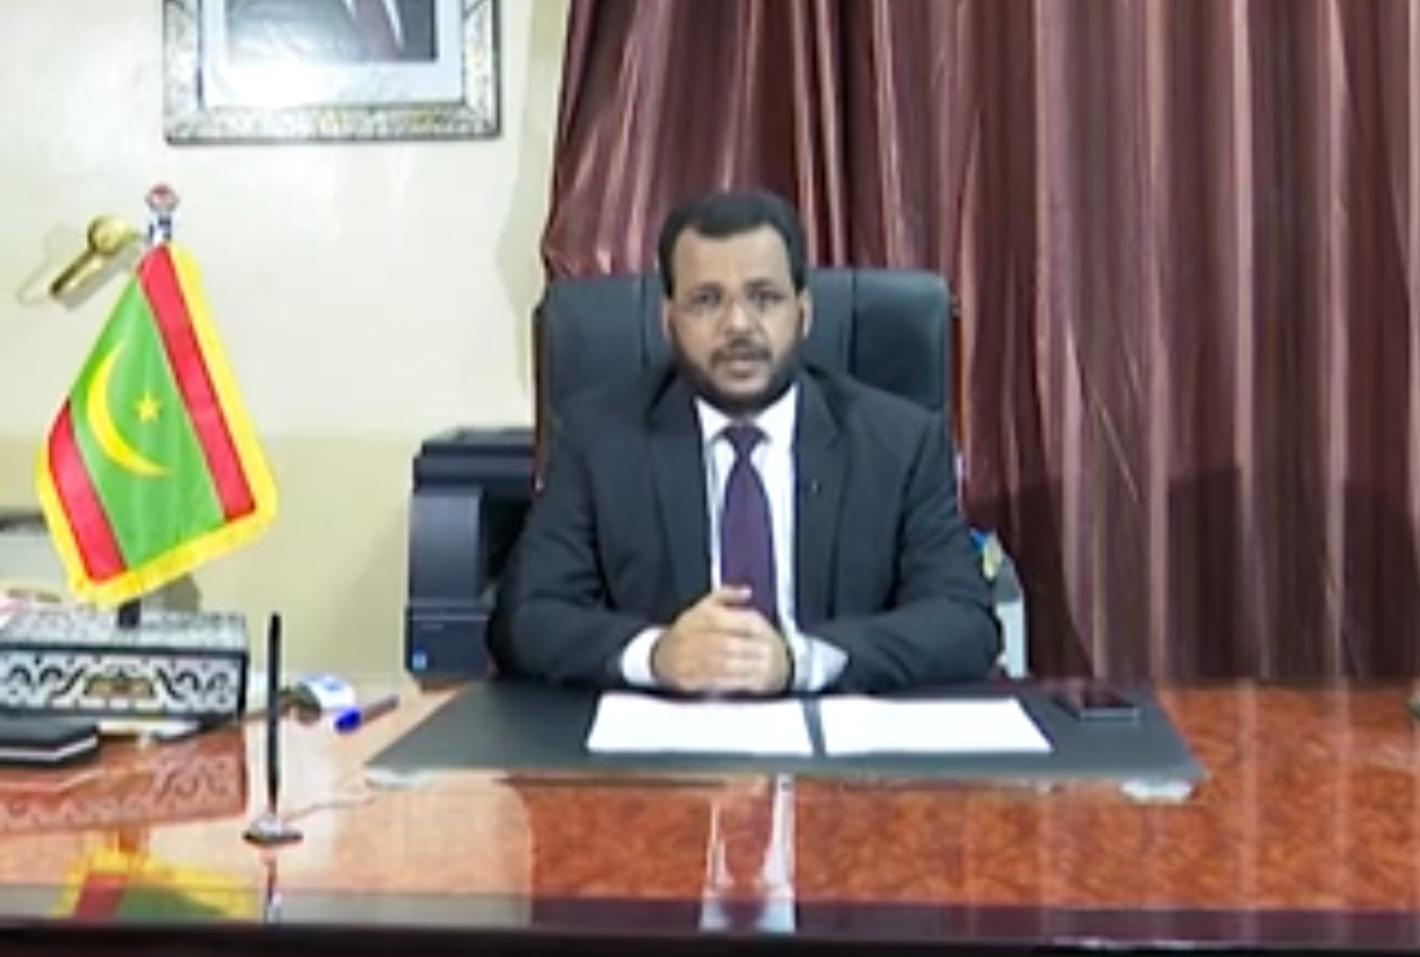 معالي وزير الشؤون الإسلامية والتعليم الأصلي.